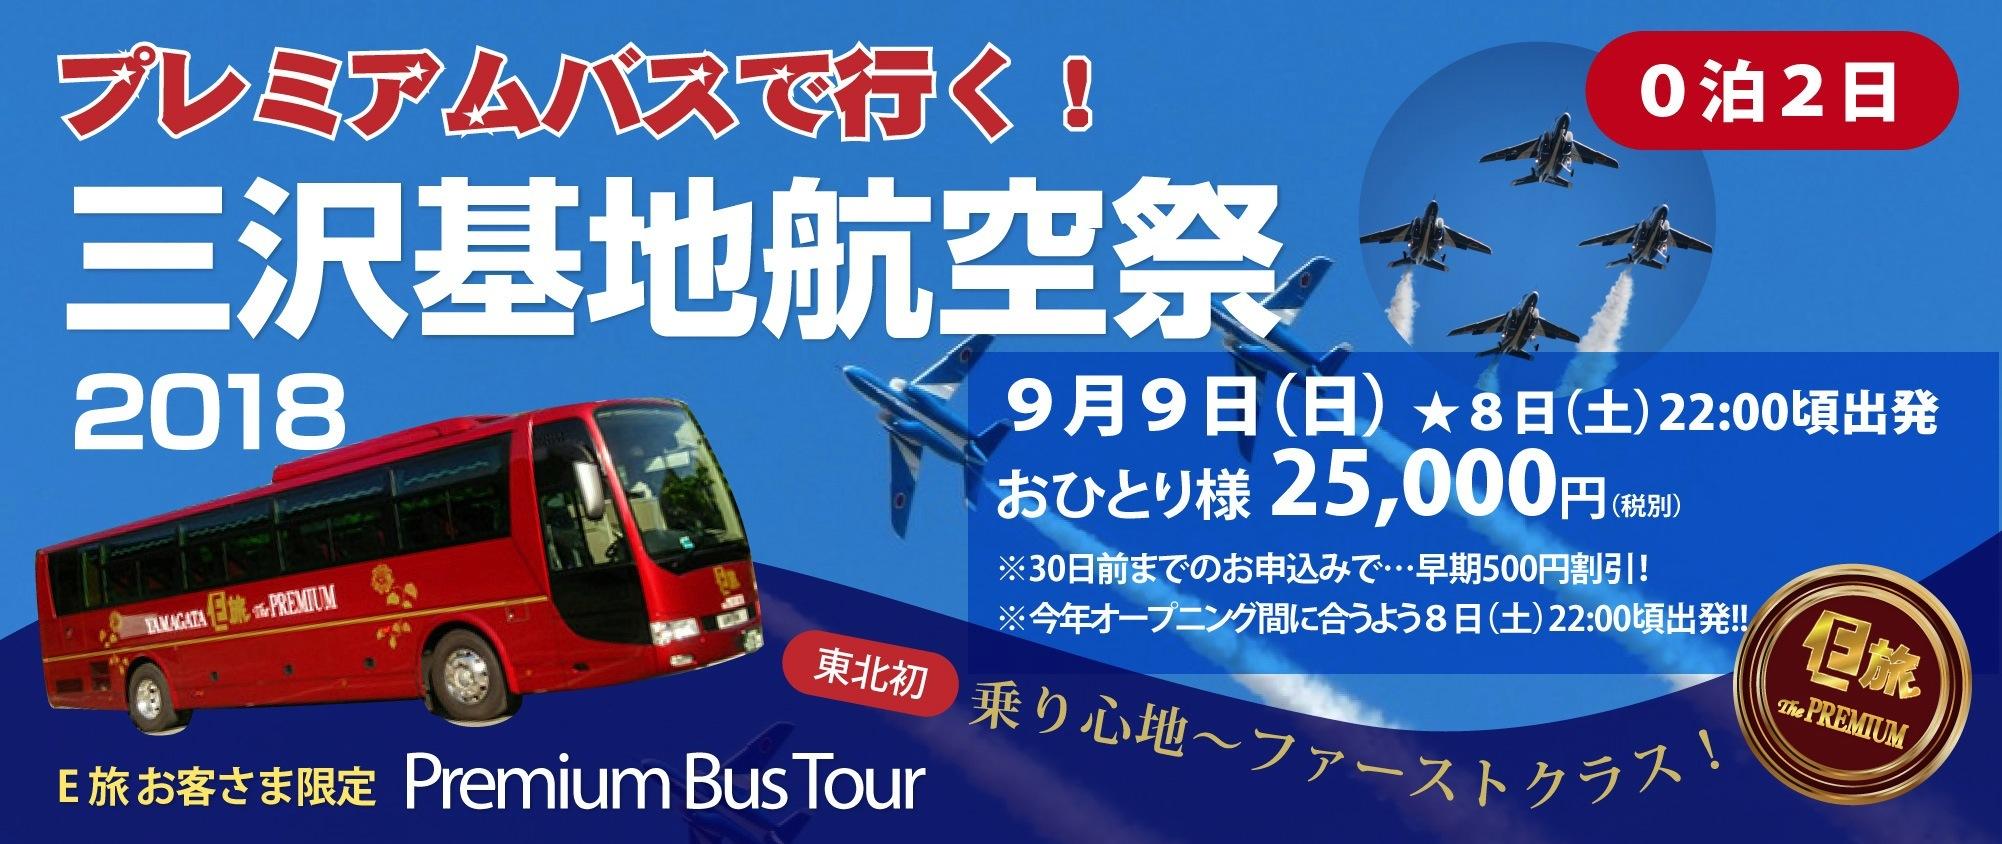 プレミアムバスで行く!三沢基地航空祭2018★9月9日(日)開催